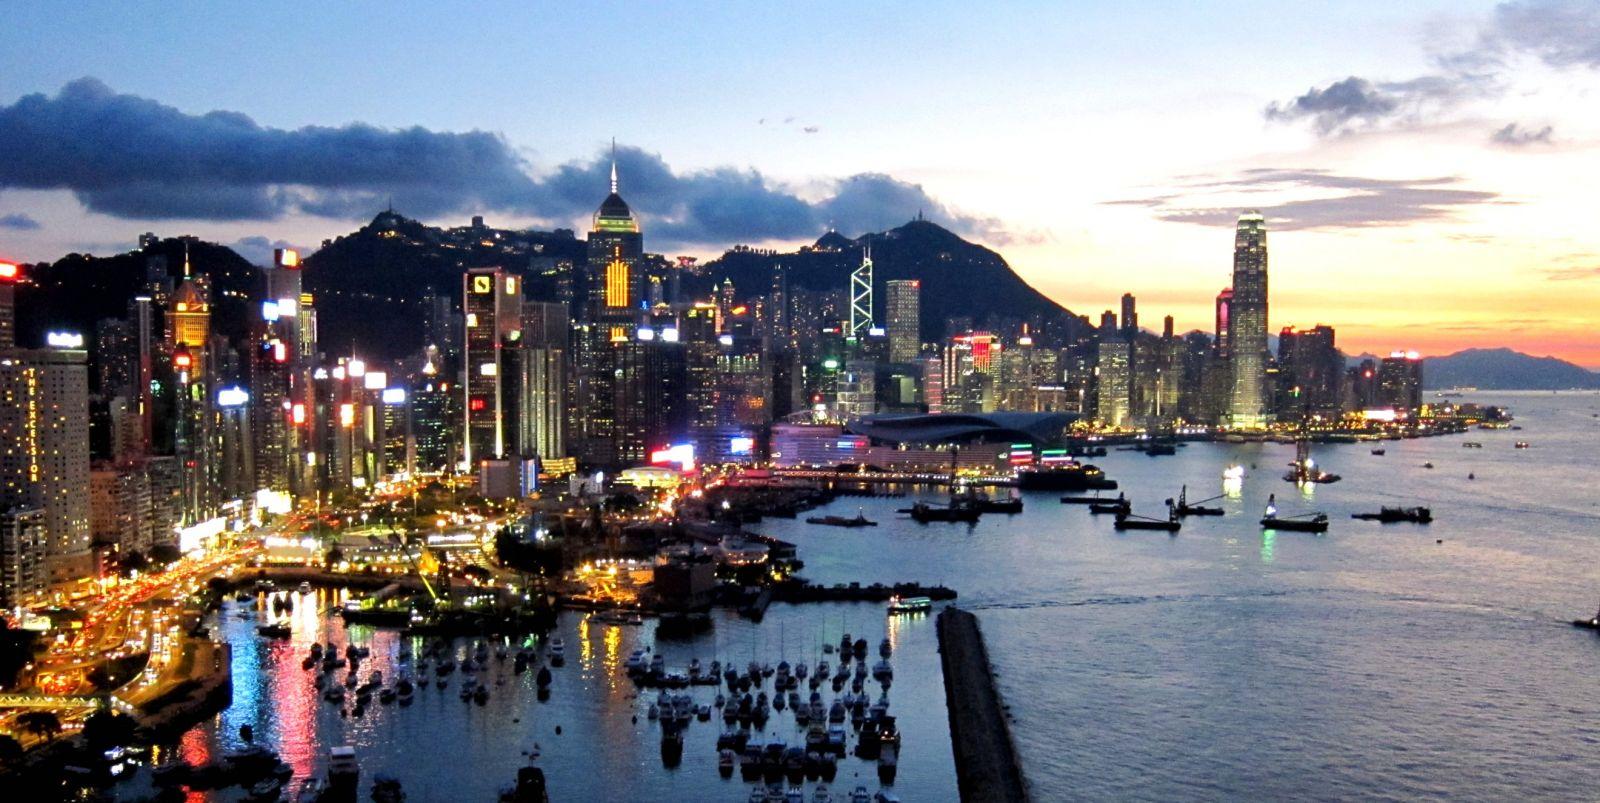 Hong Kong Tourism With Macau Hong Kong Holidays Hong Kong